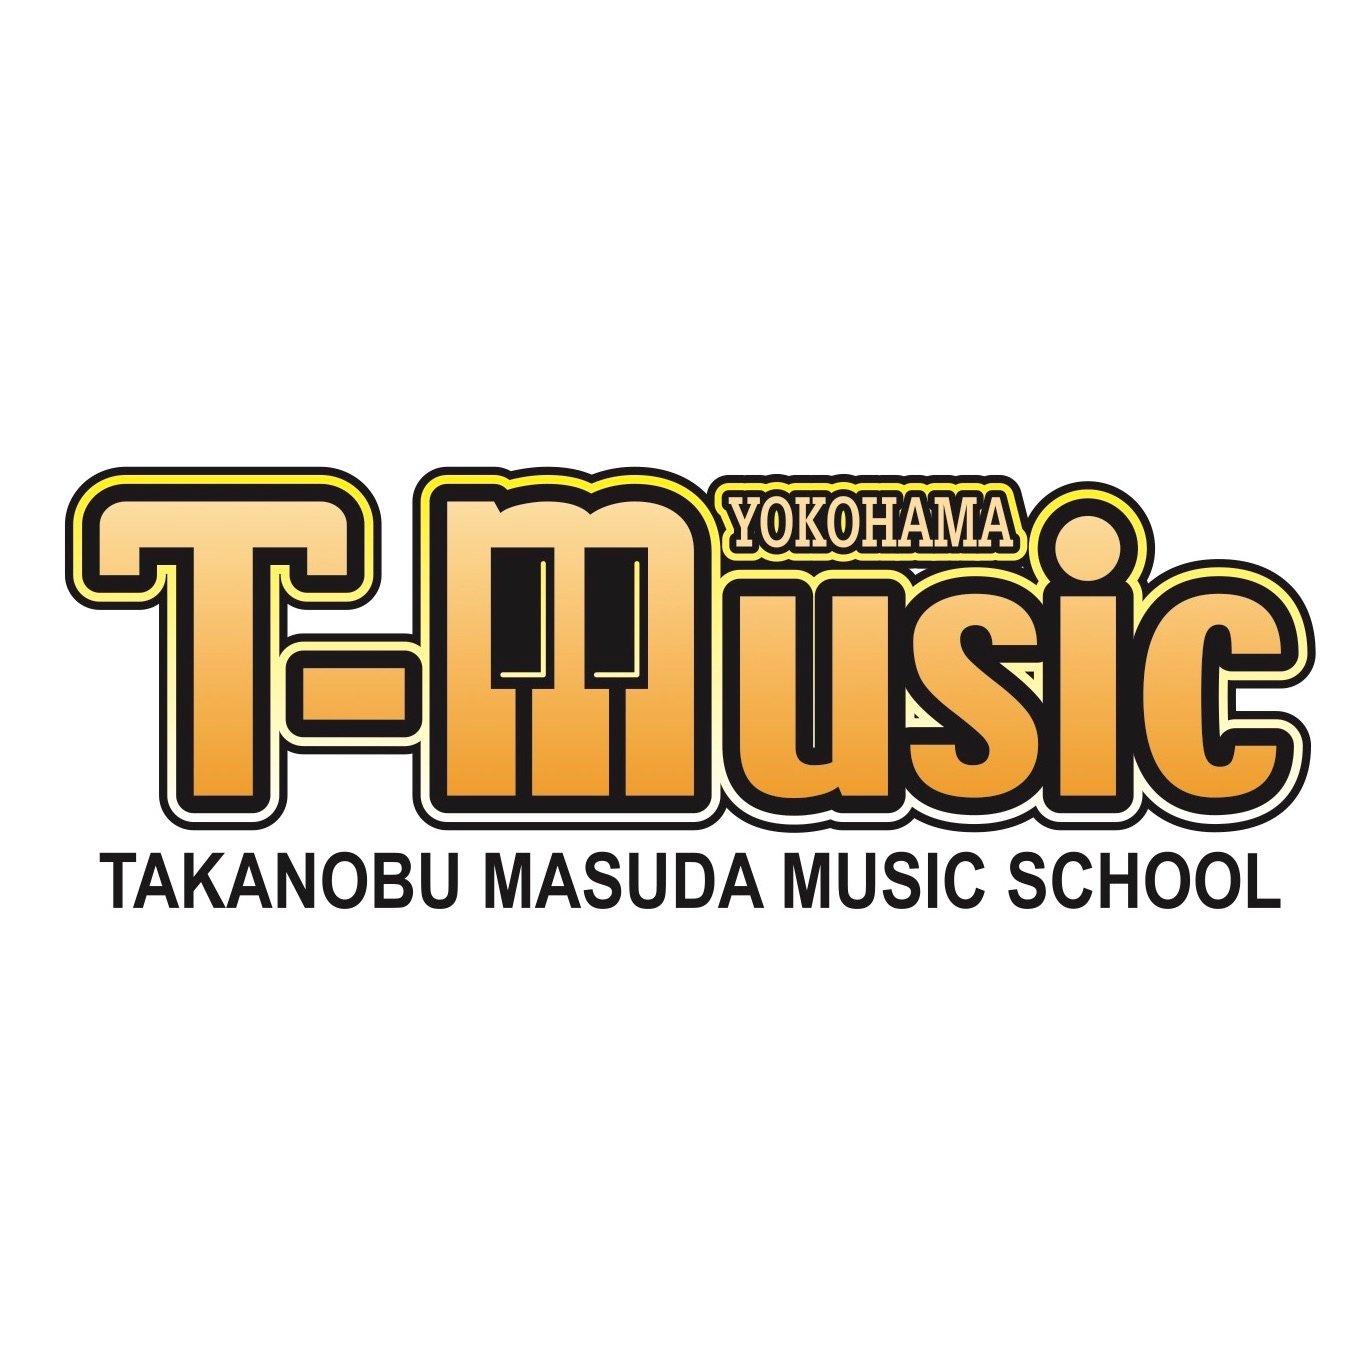 増田隆宣の音楽スクール「T-Music Yokohama」のロゴ